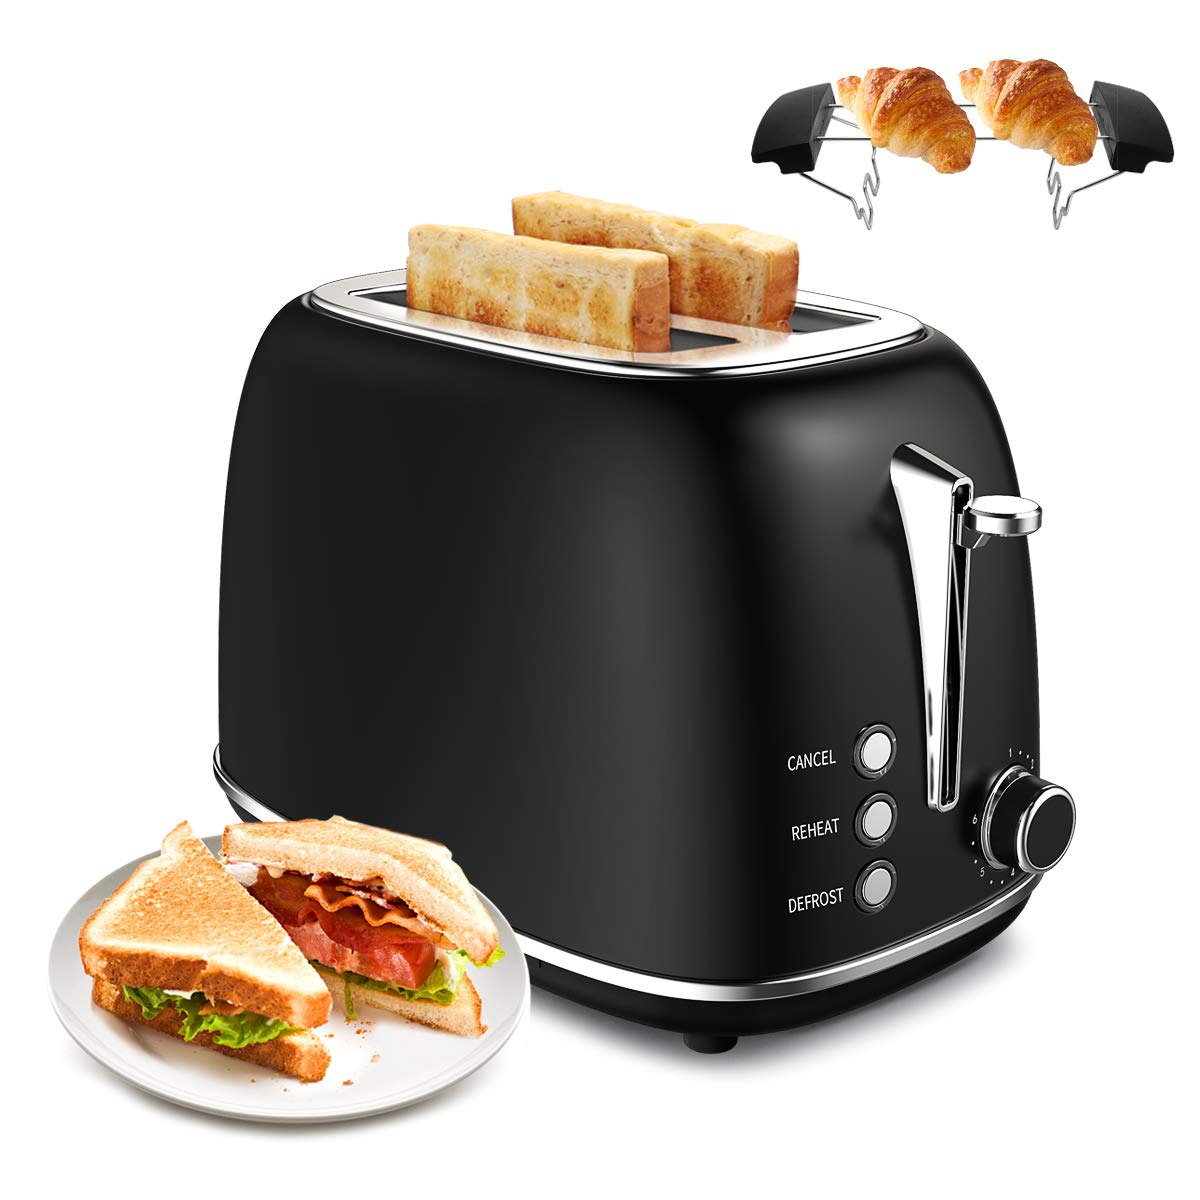 mhum la bonne odeur du pain grillé !!